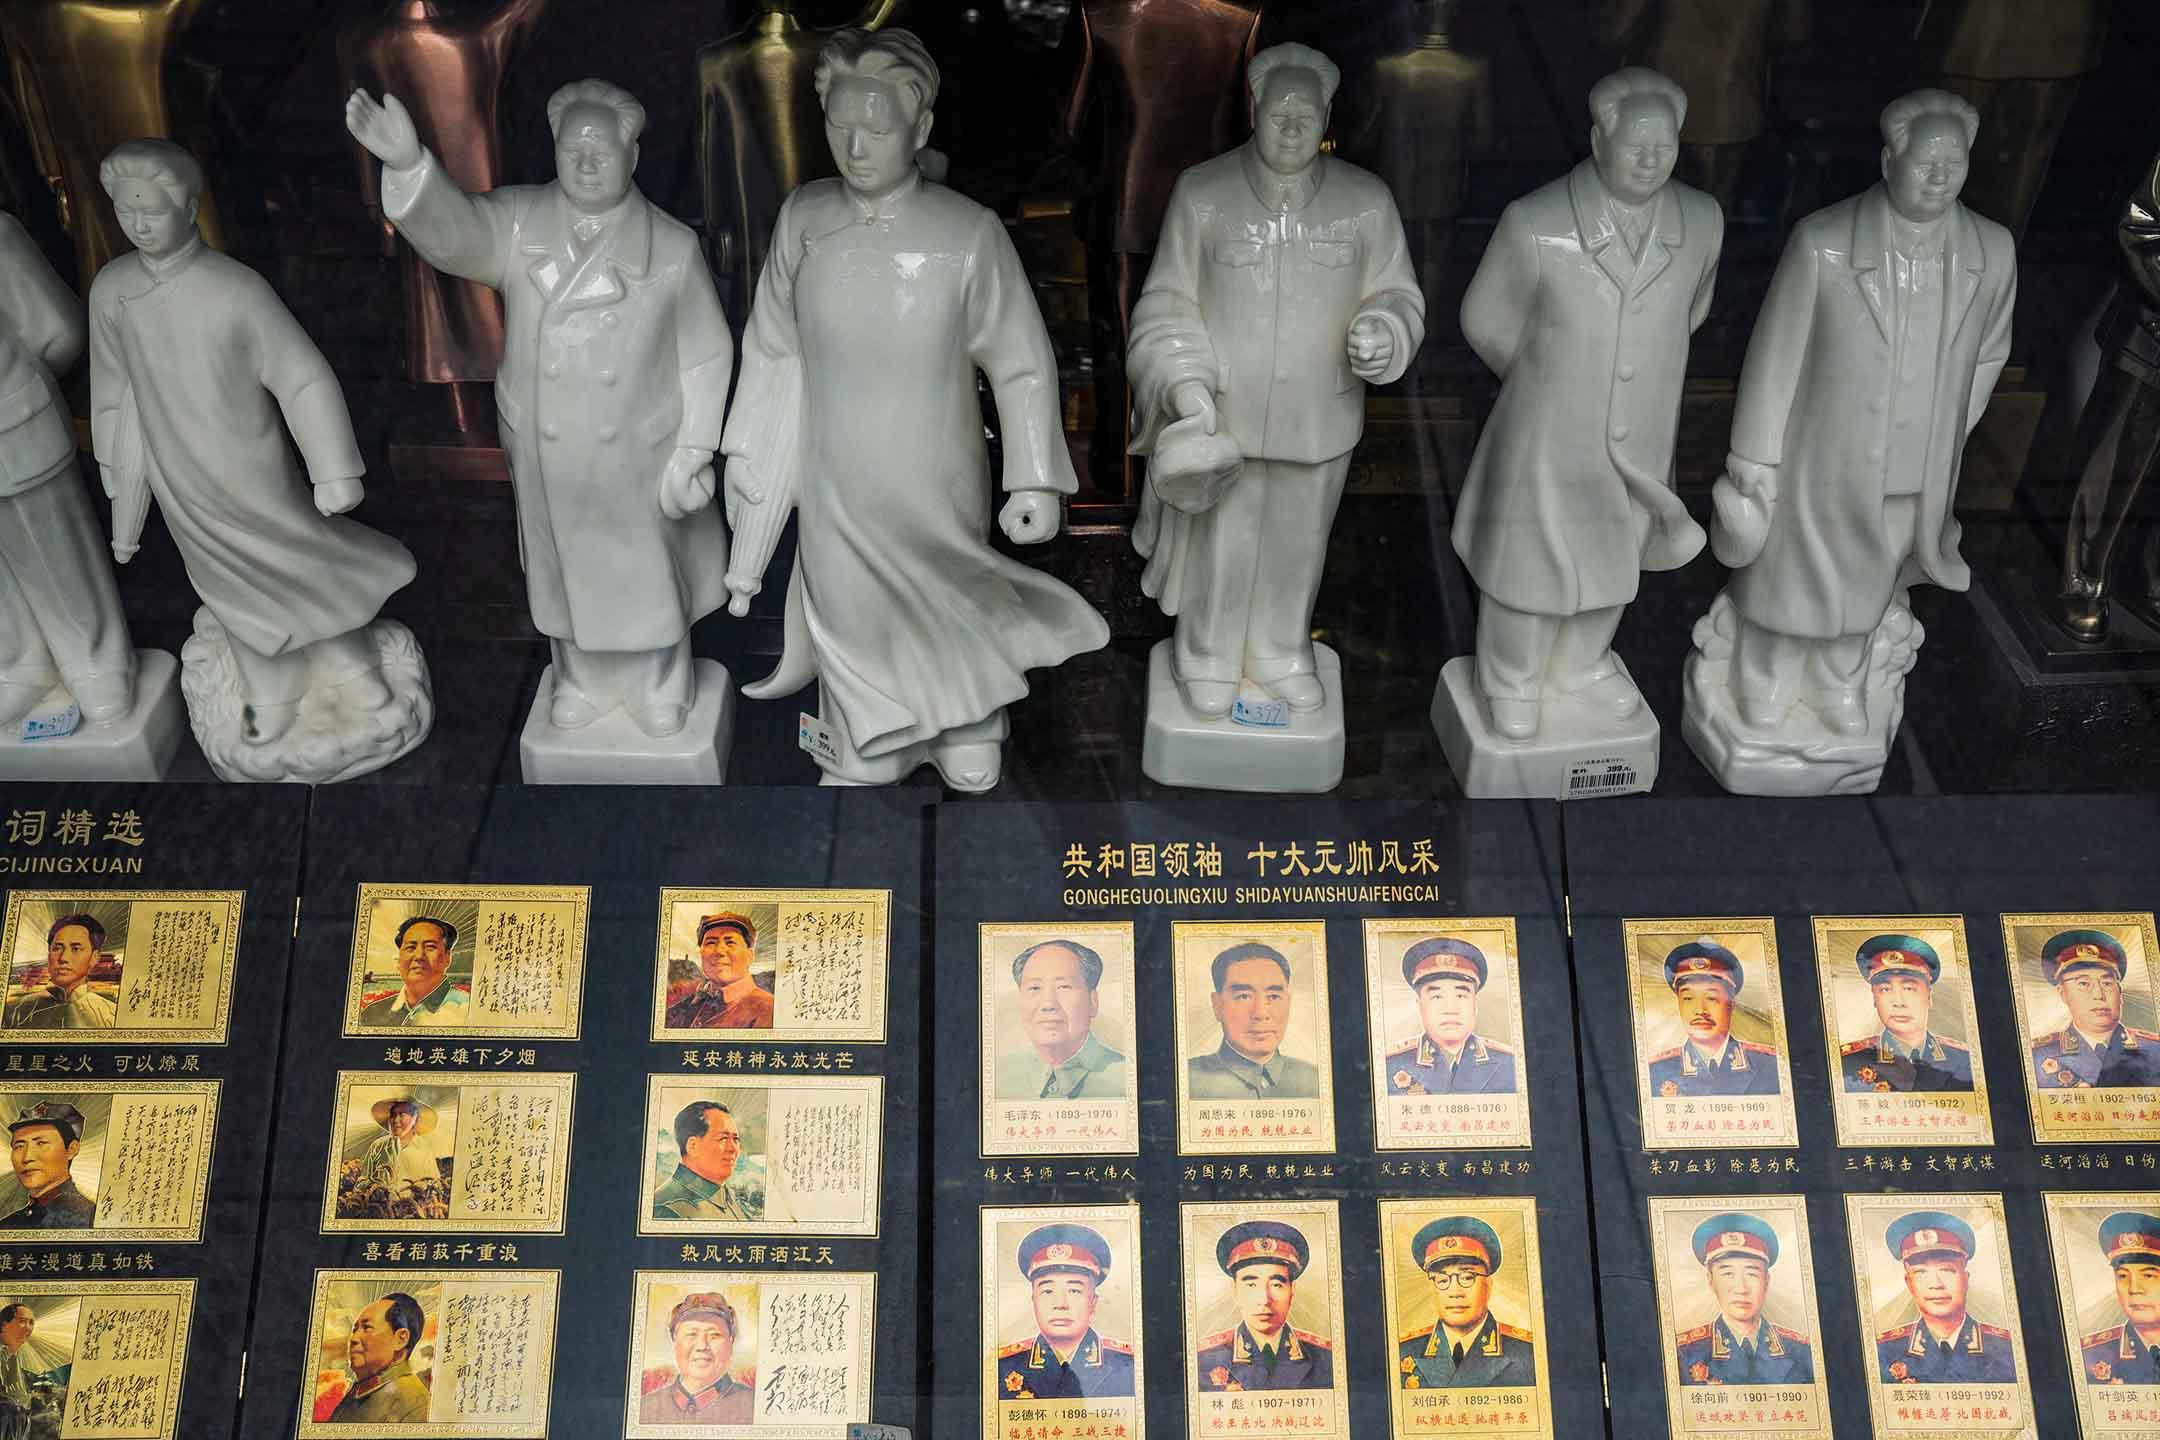 2021年6月25日中國北京,一家紀念品商店展出毛主席紀念品。